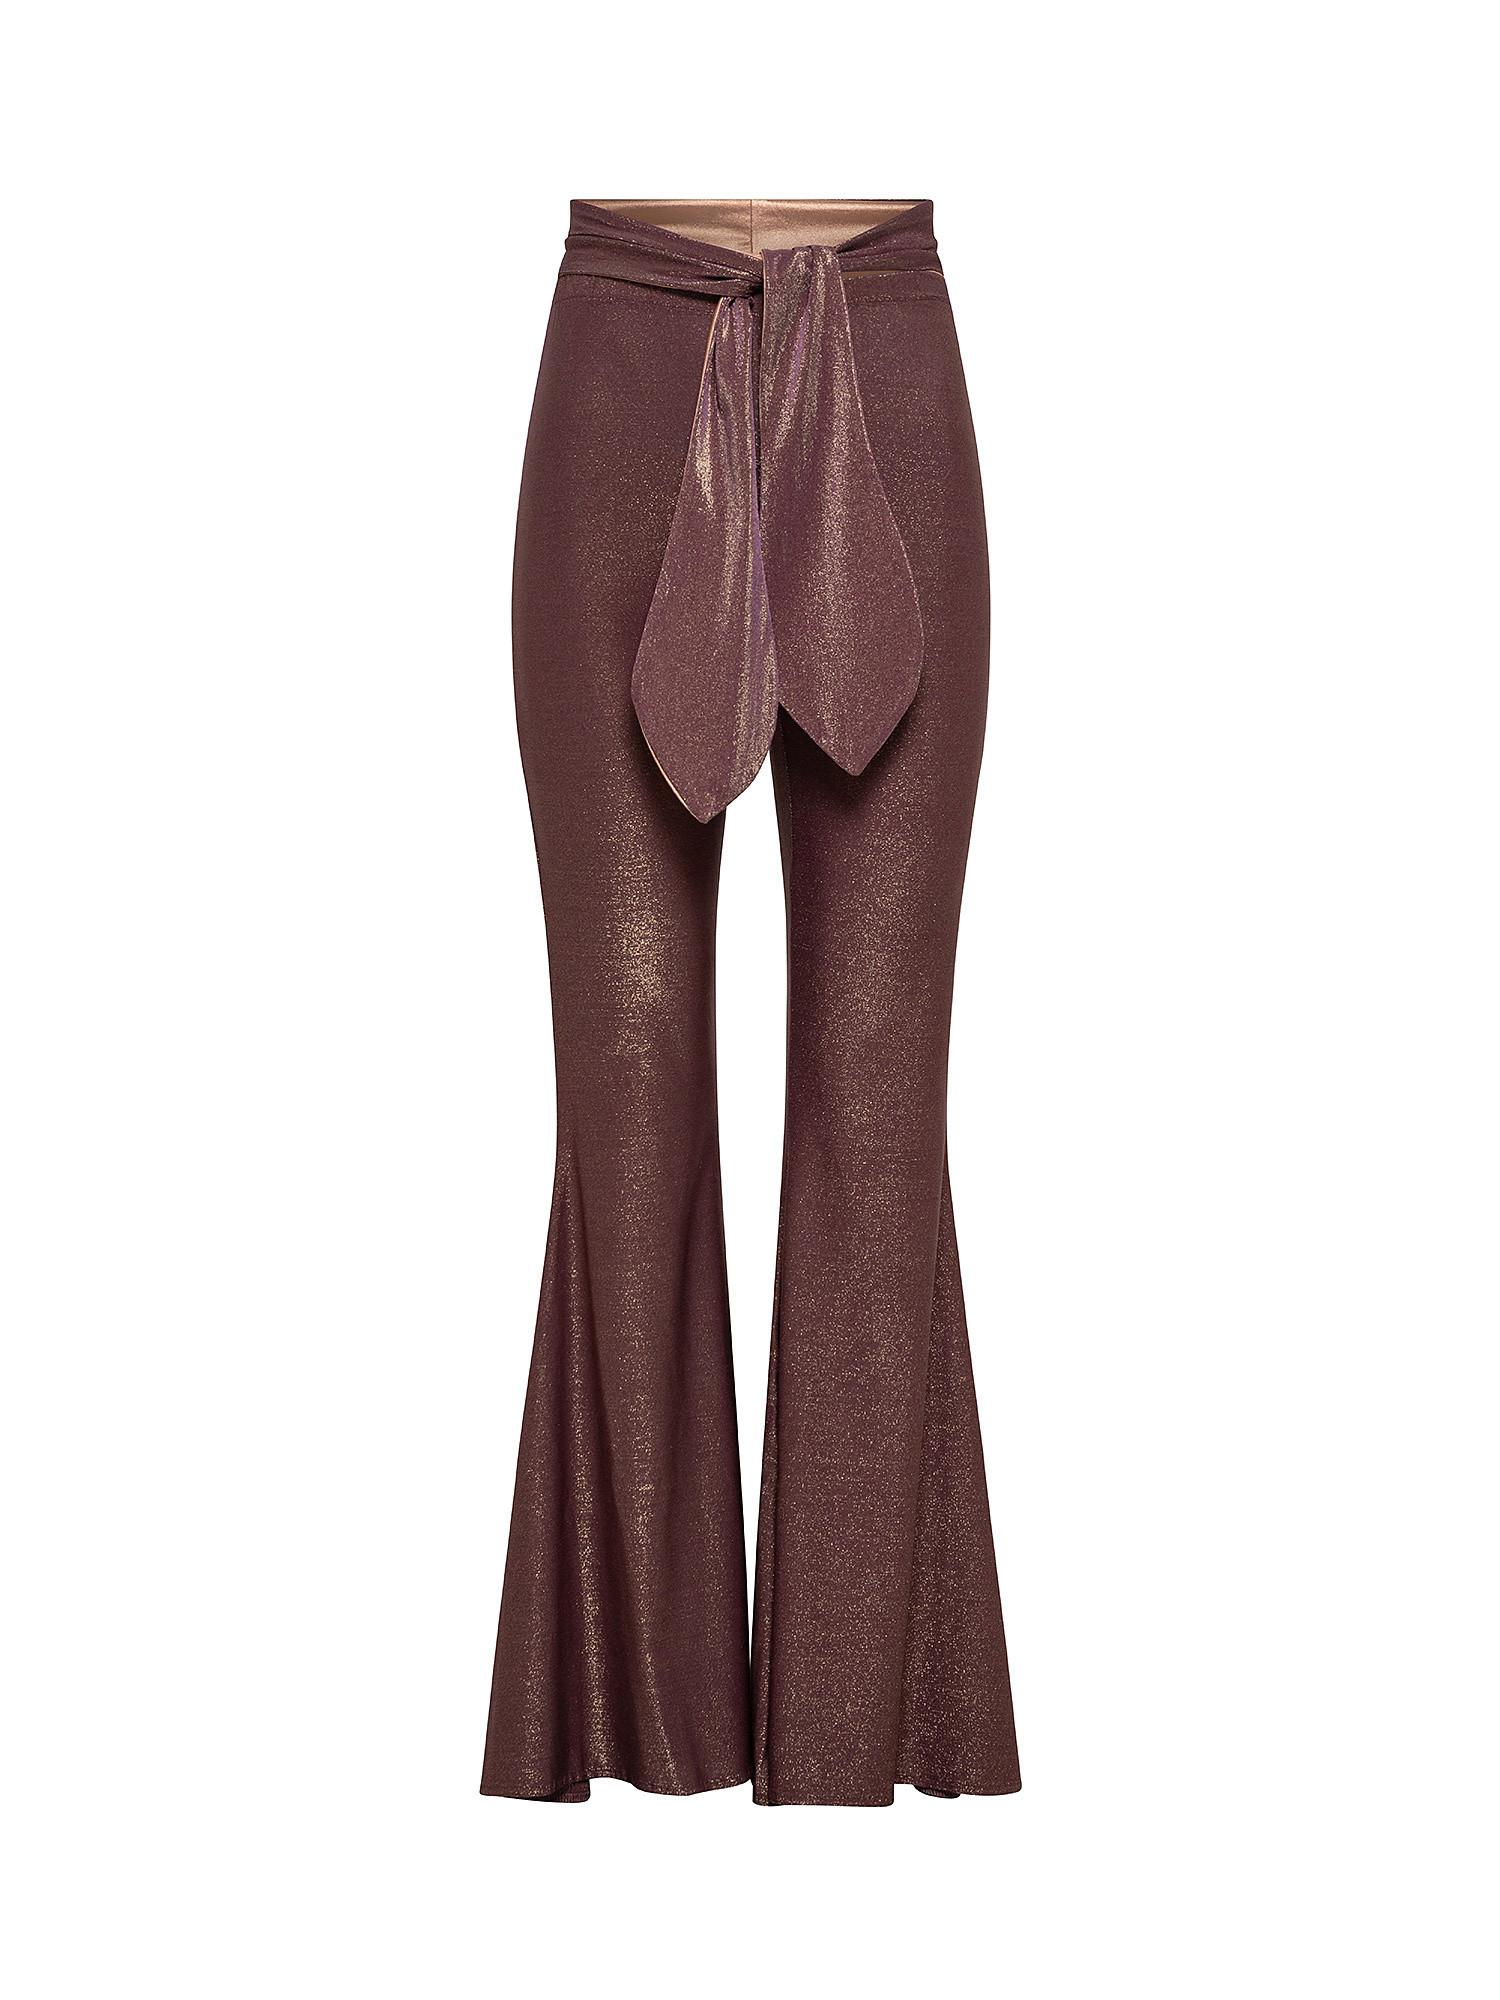 Pantalone a zampa, Viola melanzana, large image number 0